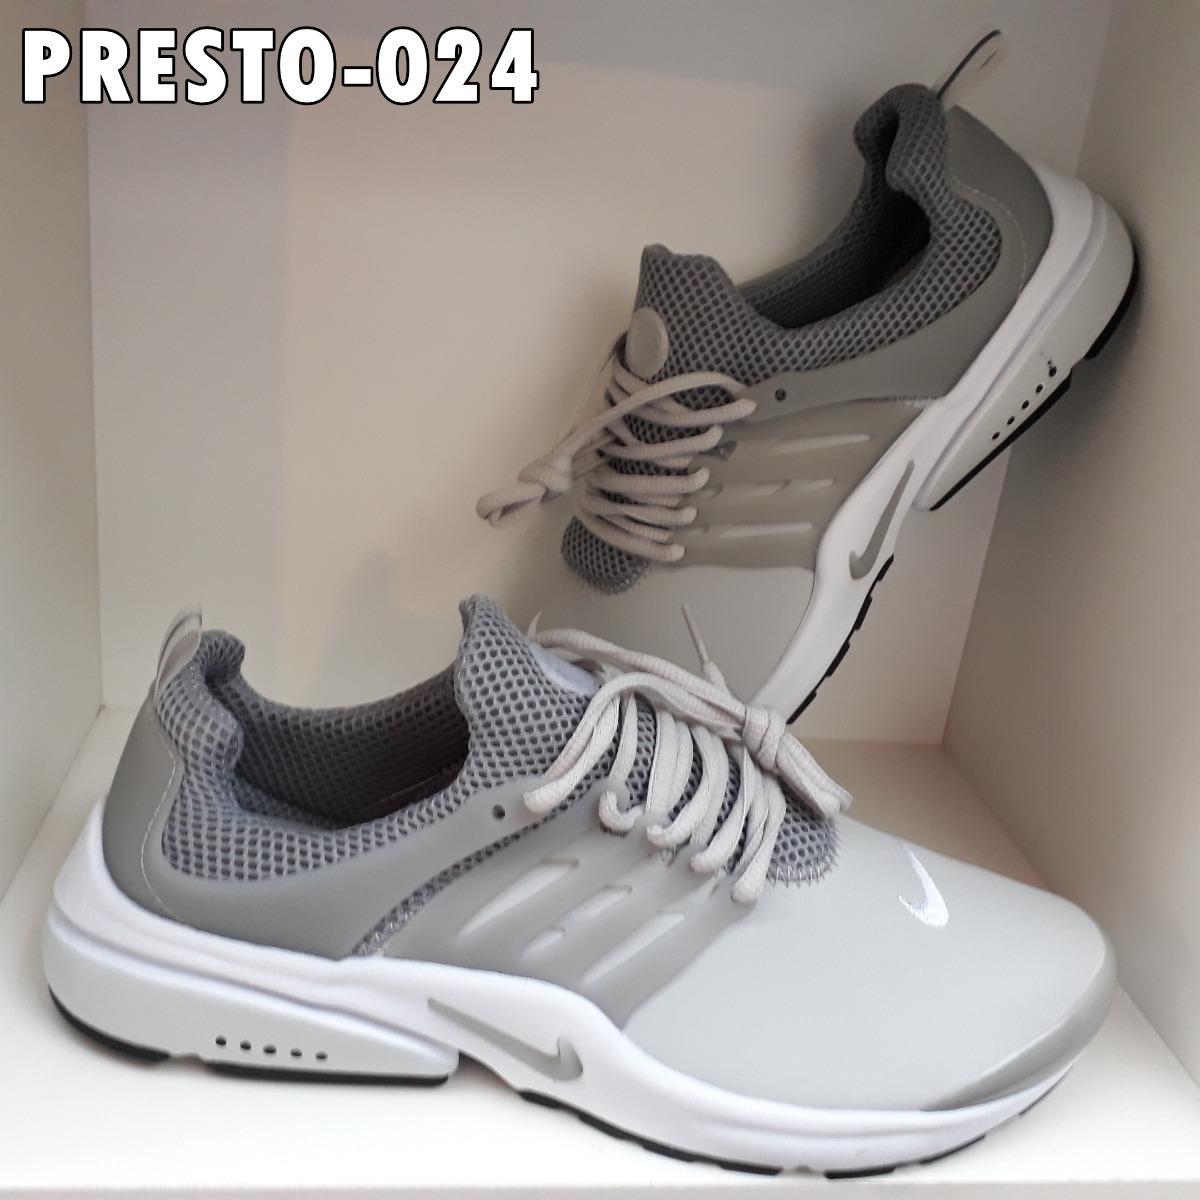 big sale 7edfc 66a8c ... low price zapatillas nike air presto hombre gris. cargando zoom. 50ecf  f8a81